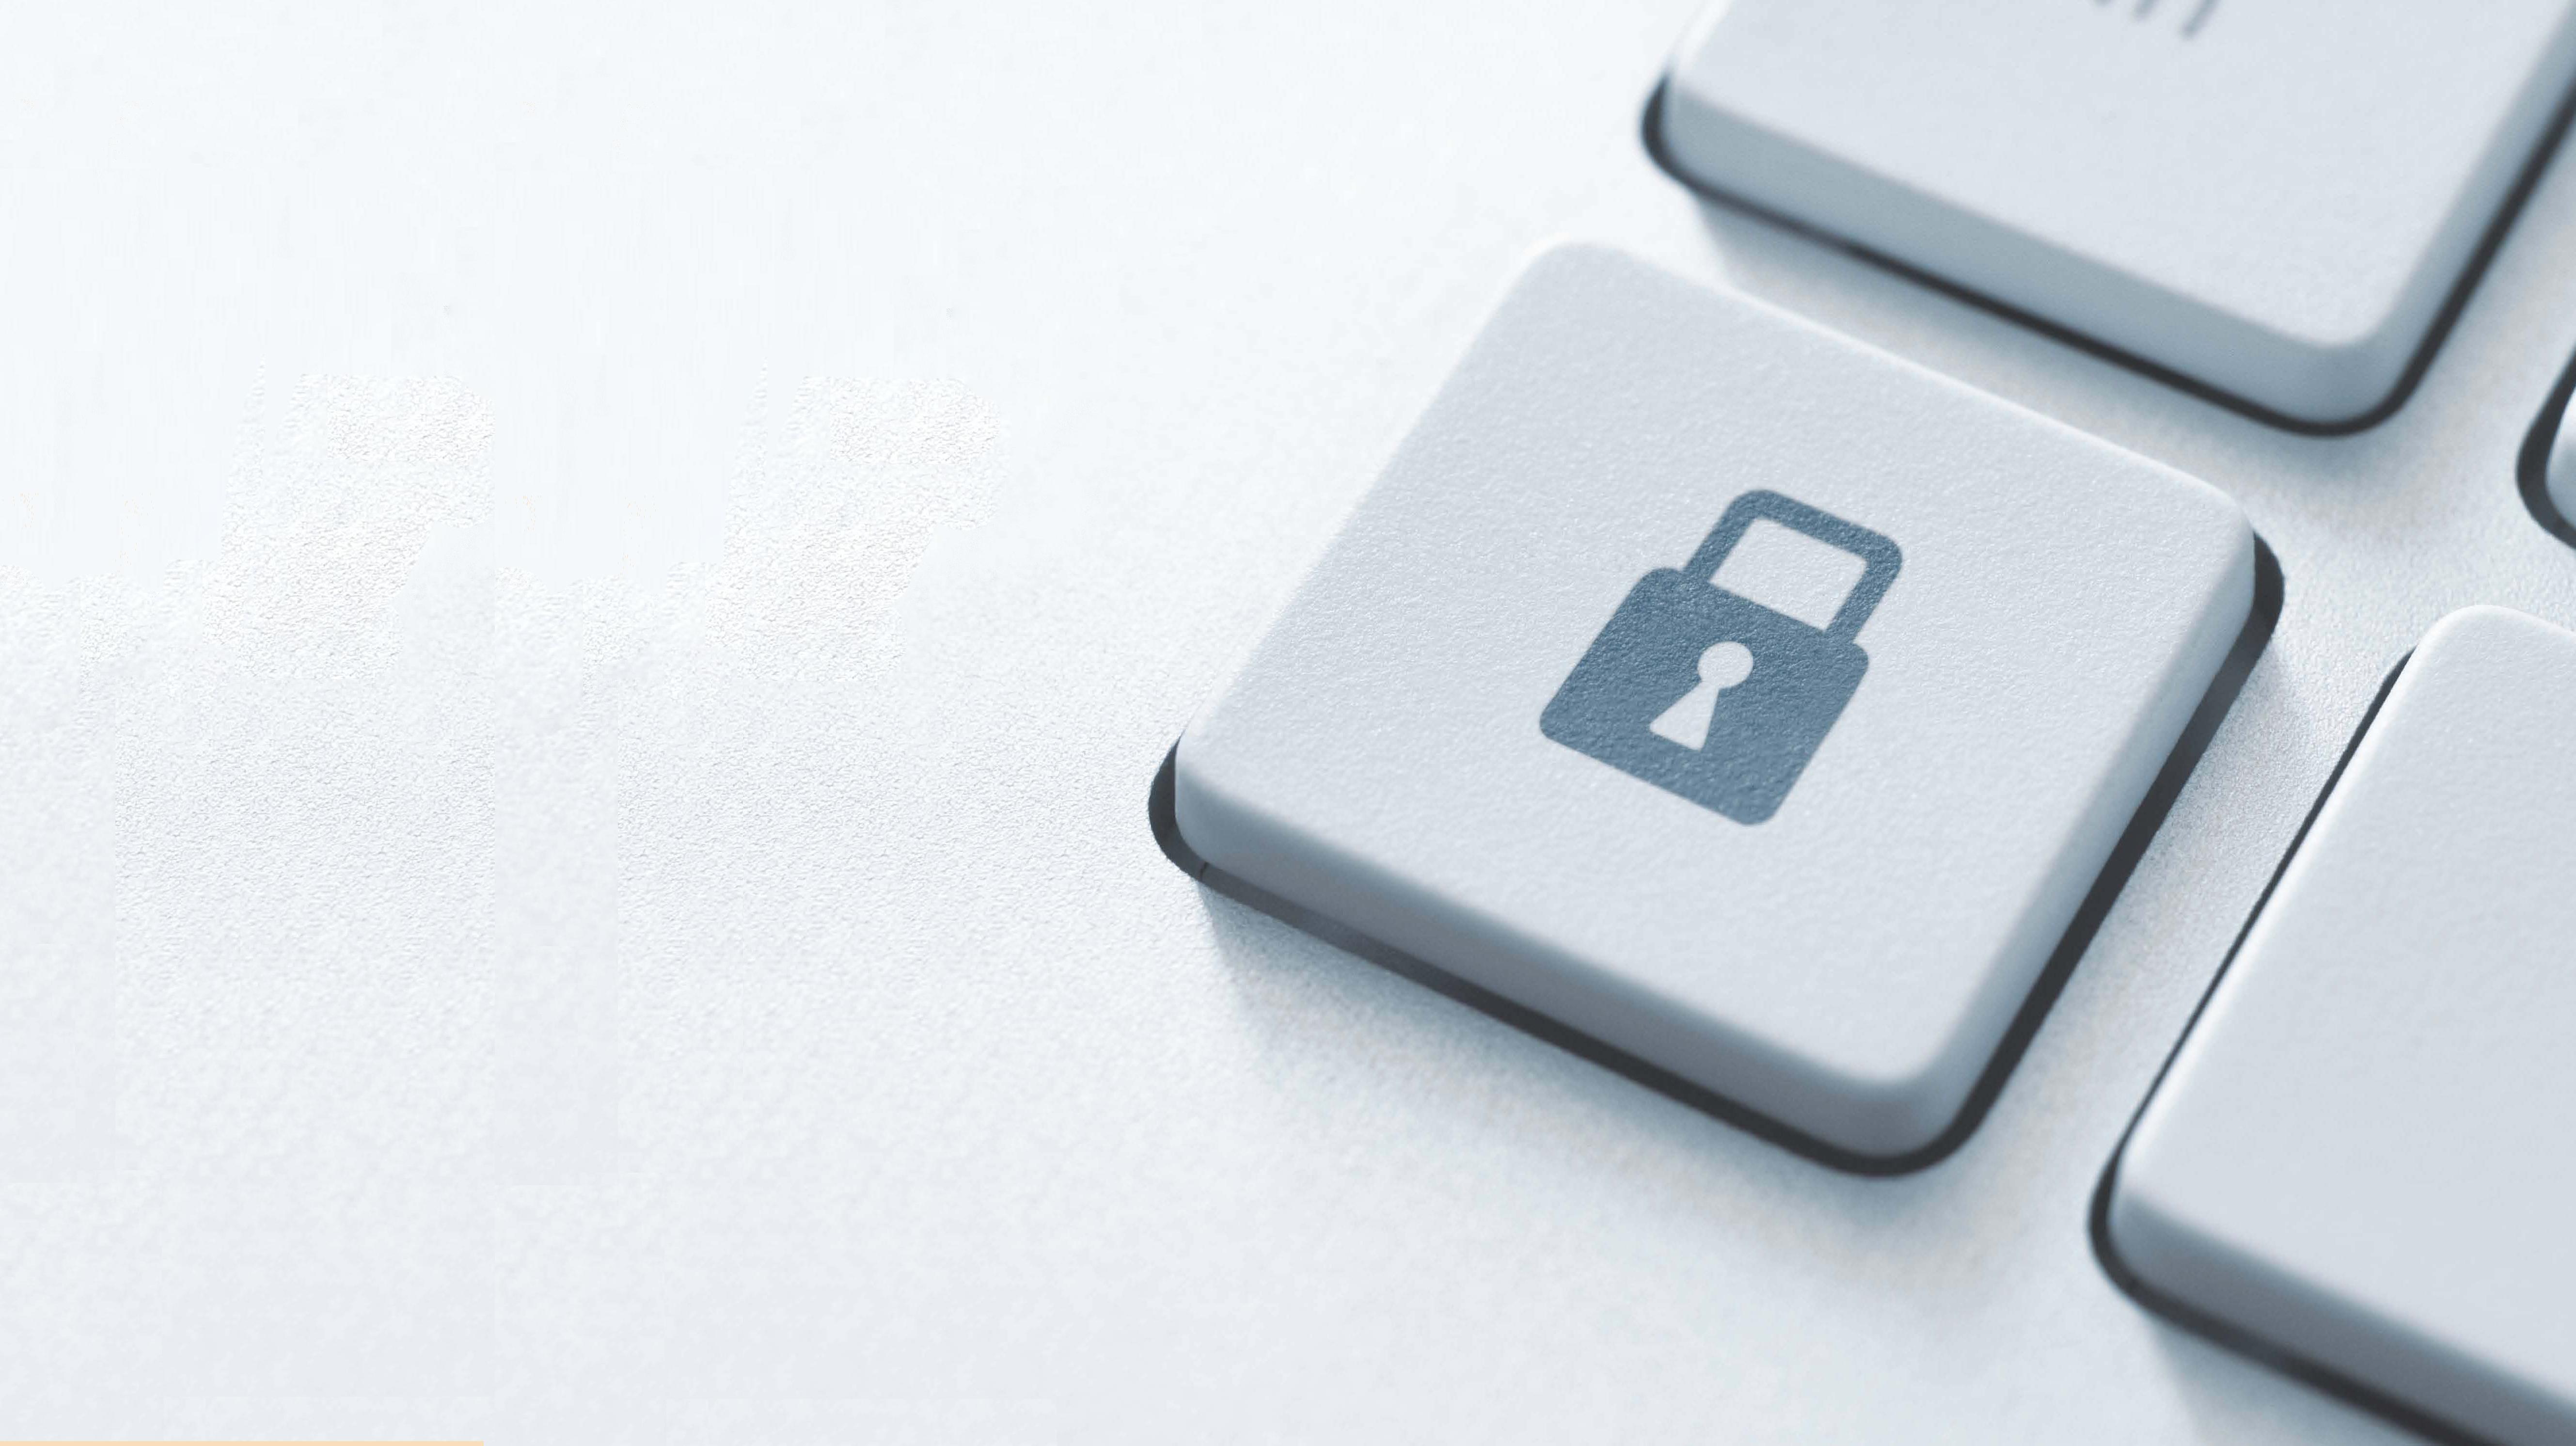 tecla de un candado simulando la protección de datos en un teclado